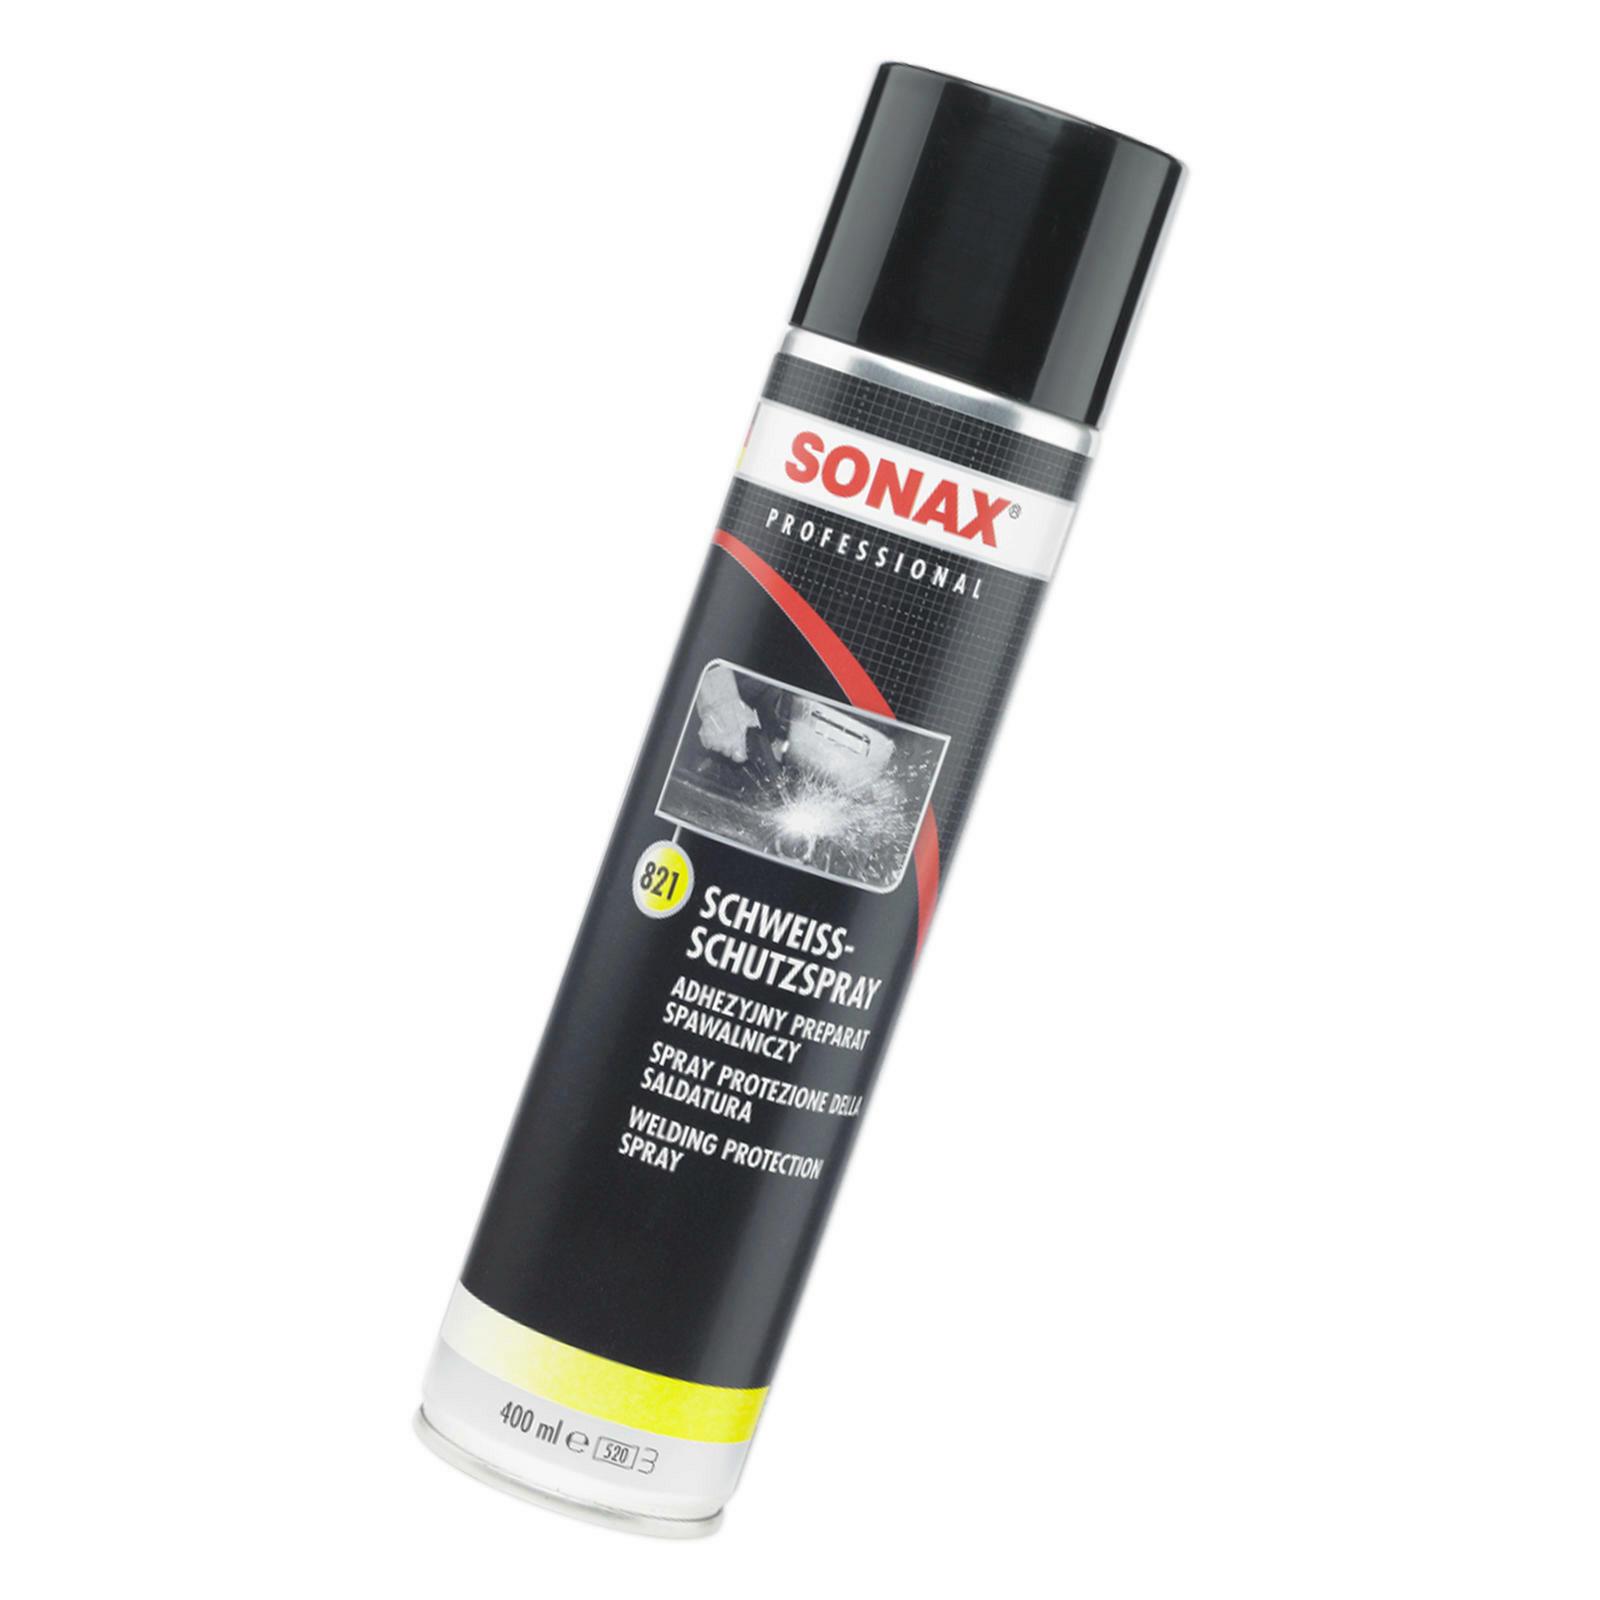 SONAX PROFESSIONAL Bremsen- & TeileReiniger 5l